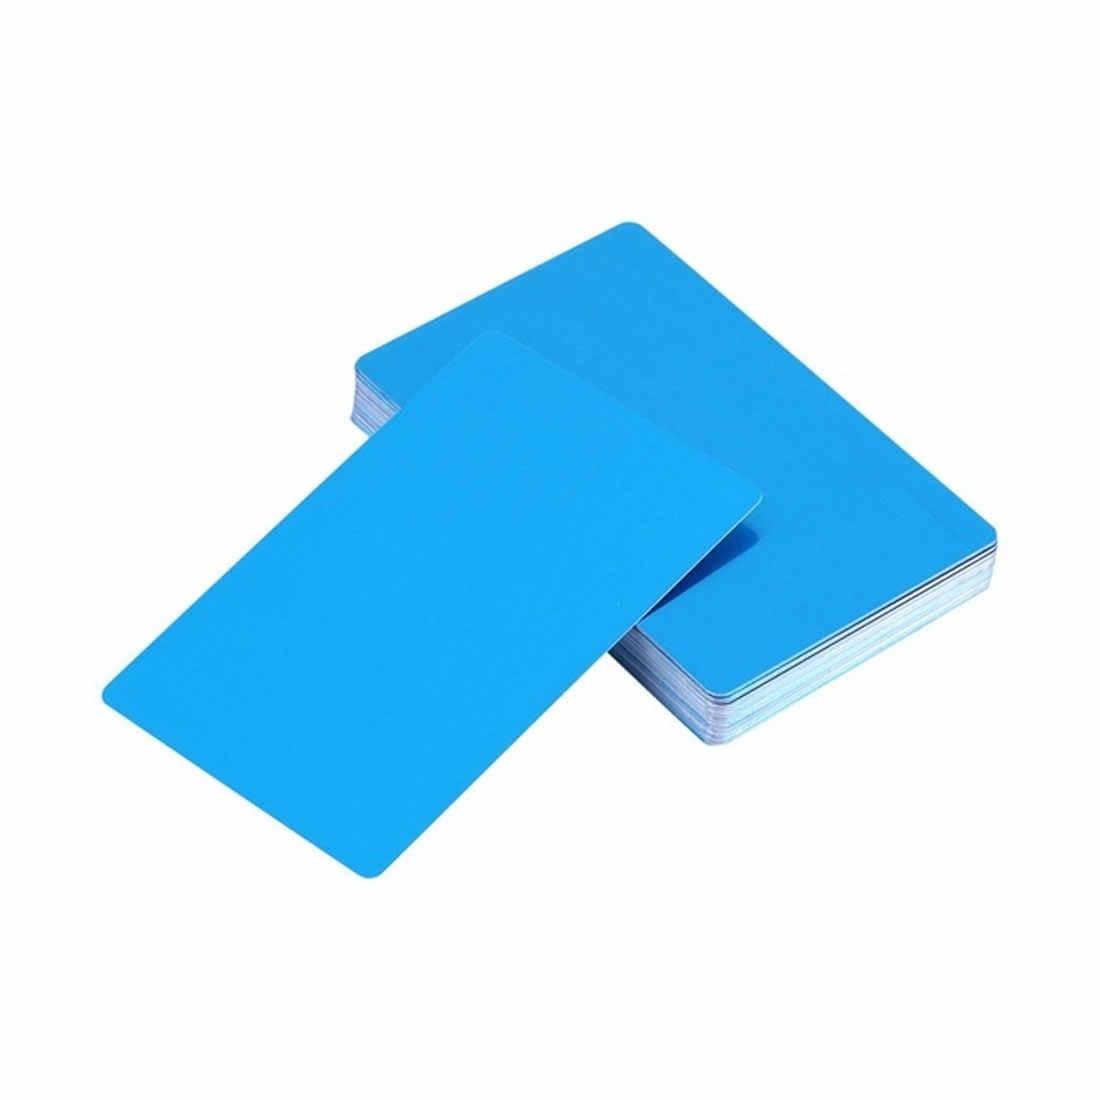 100 個名刺スムーズ空白の名刺カードアルミ合金シートデバッグレーザー刻印マーキングマシンテストカード